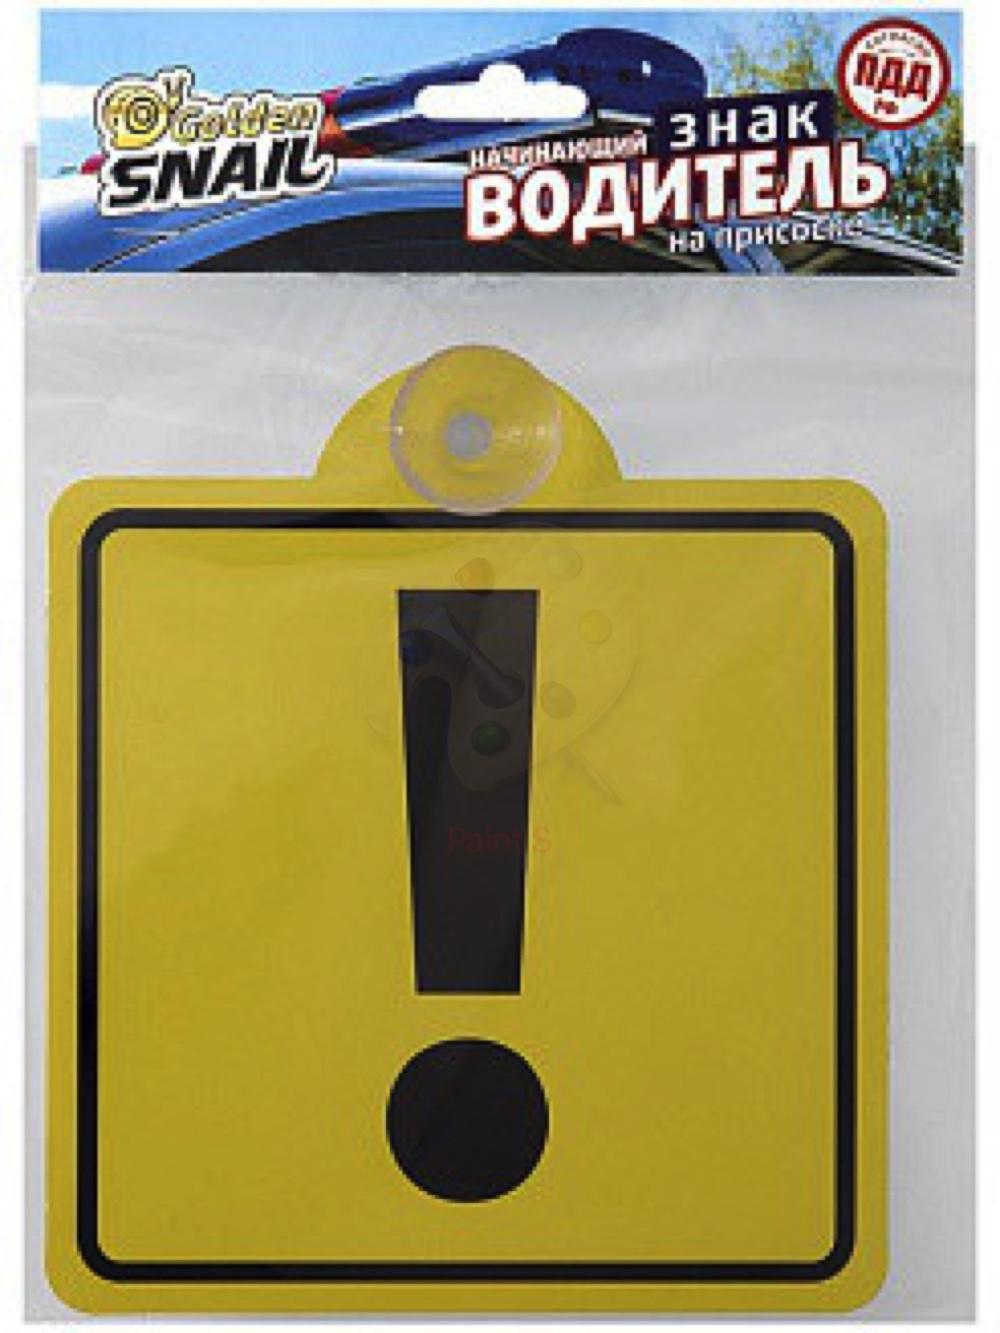 Golden Snail GS 6021164 Табличка АВТО Начинающий водитель, на присоске наклейка на авто фолиант табличка продается тпп 6